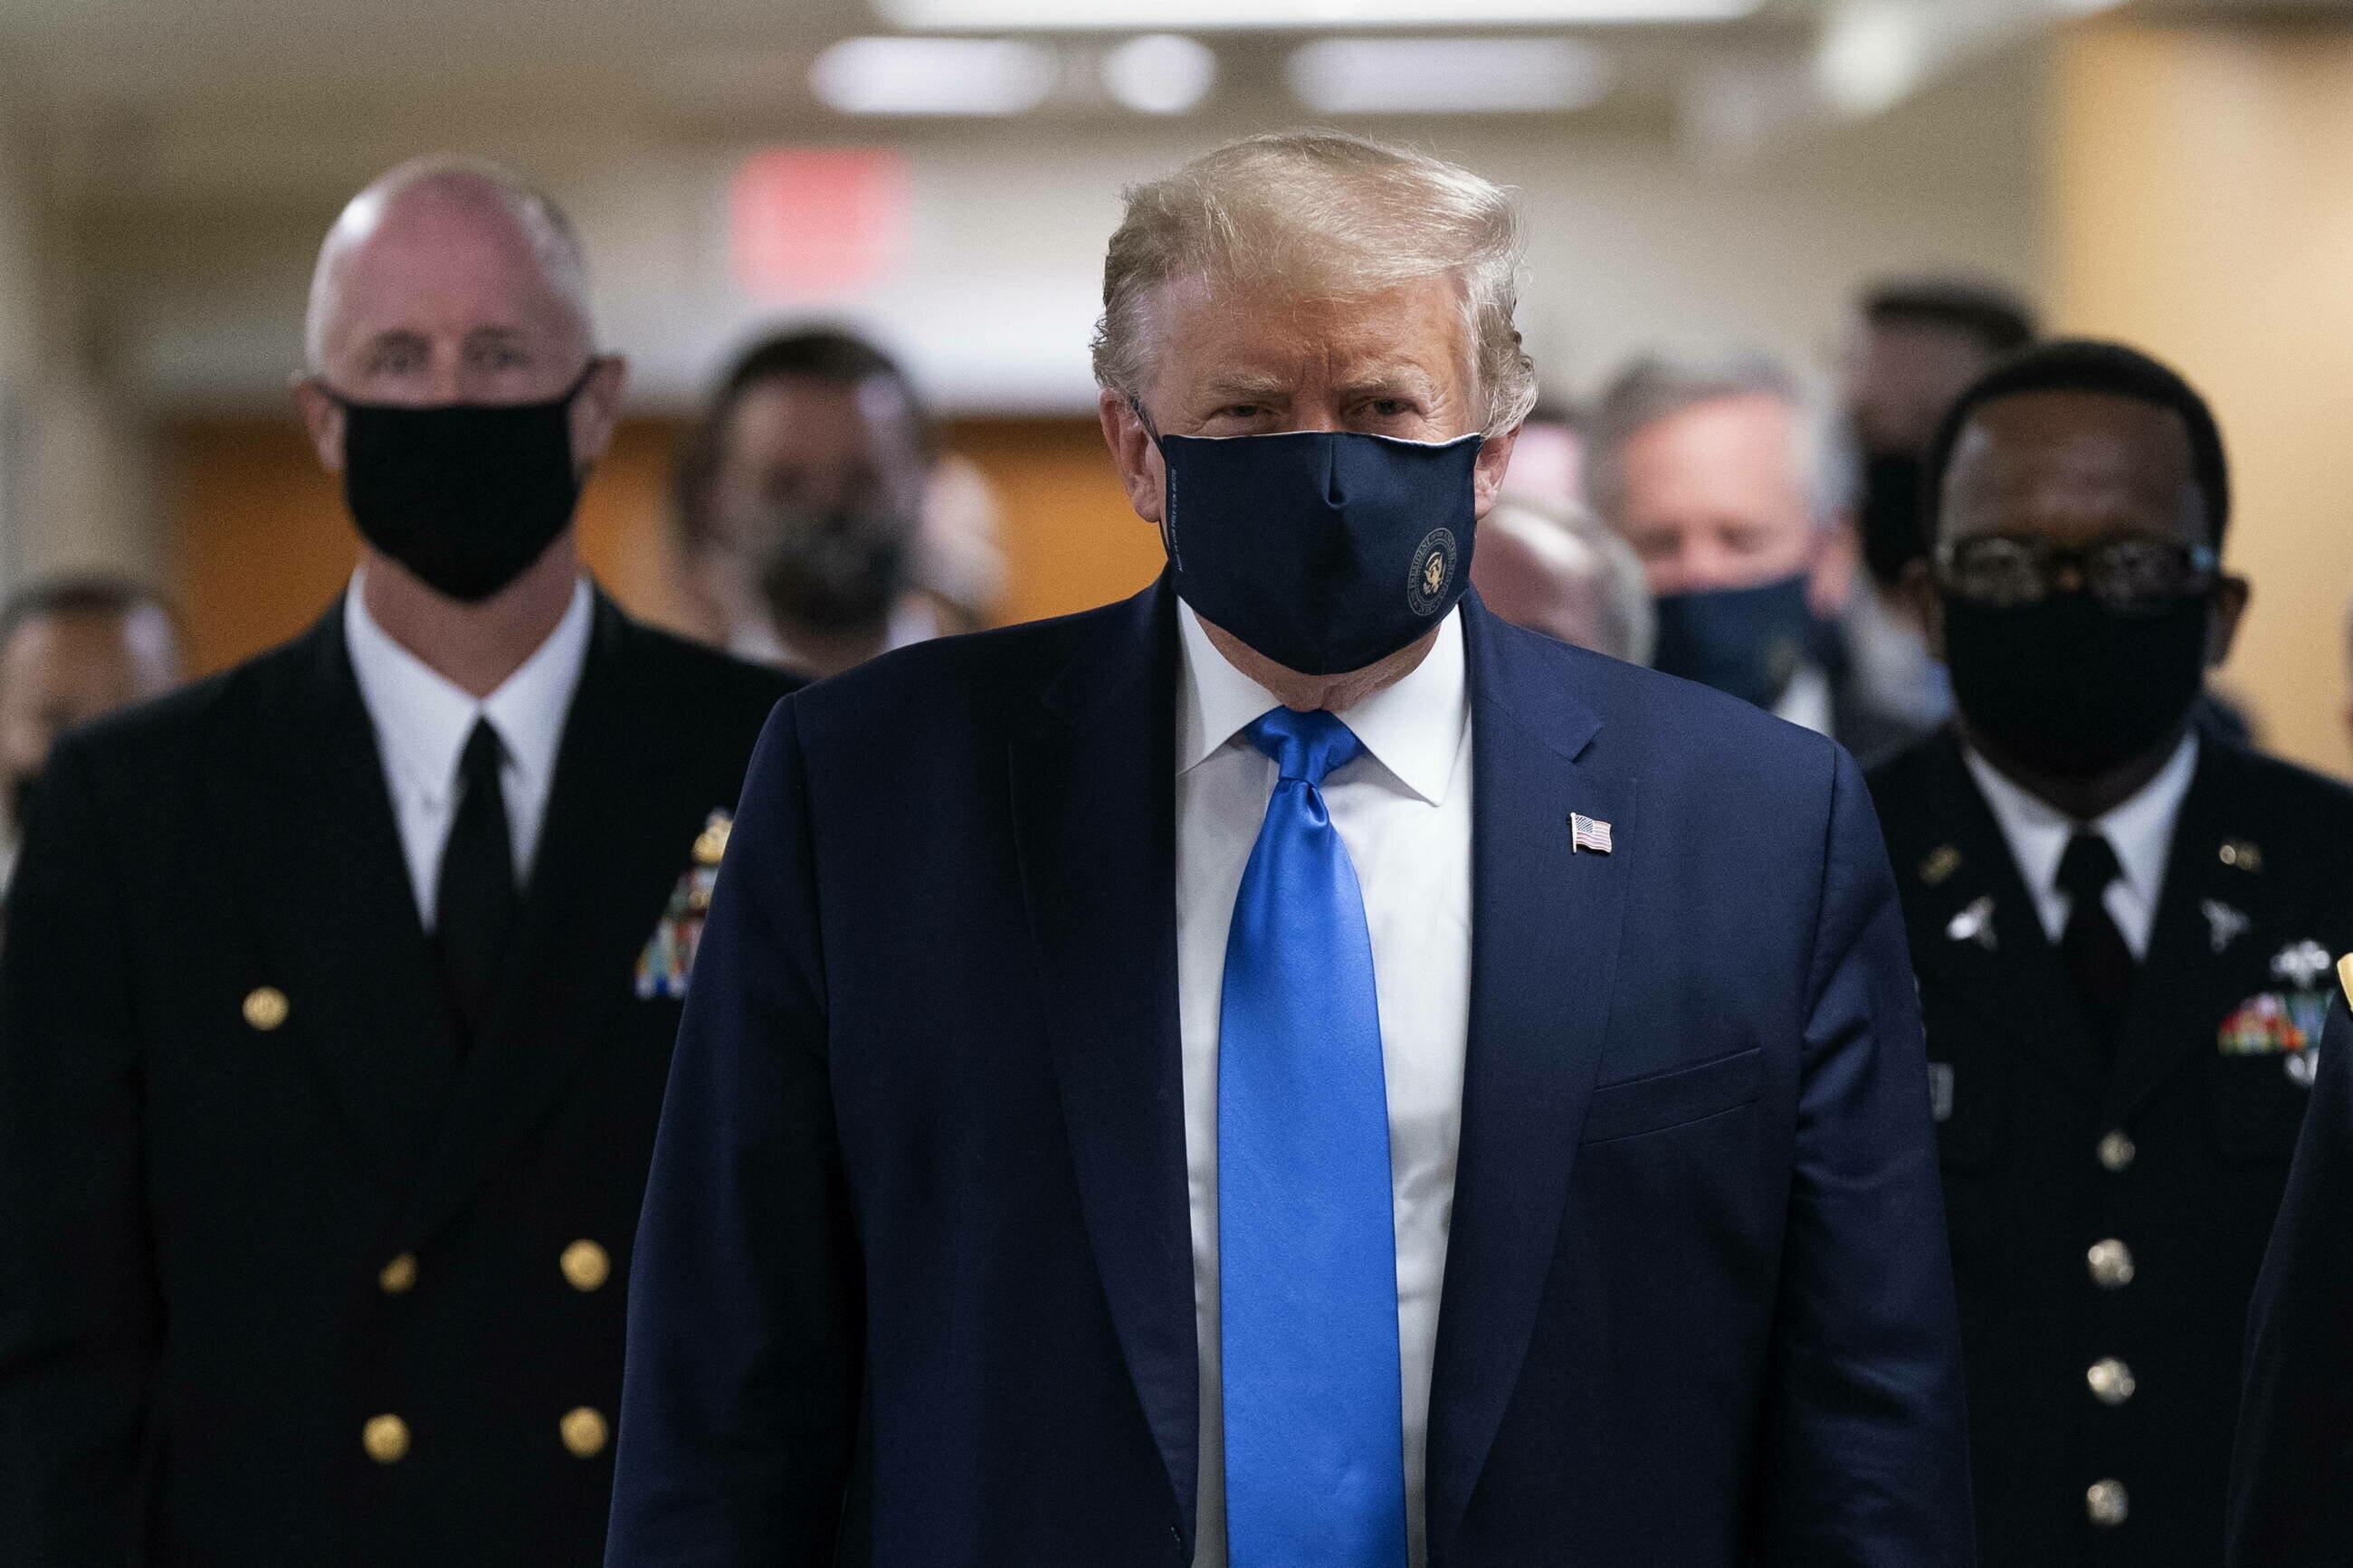 Donald Trump w maseczce podczas wizyty w szpitalu wojskowym